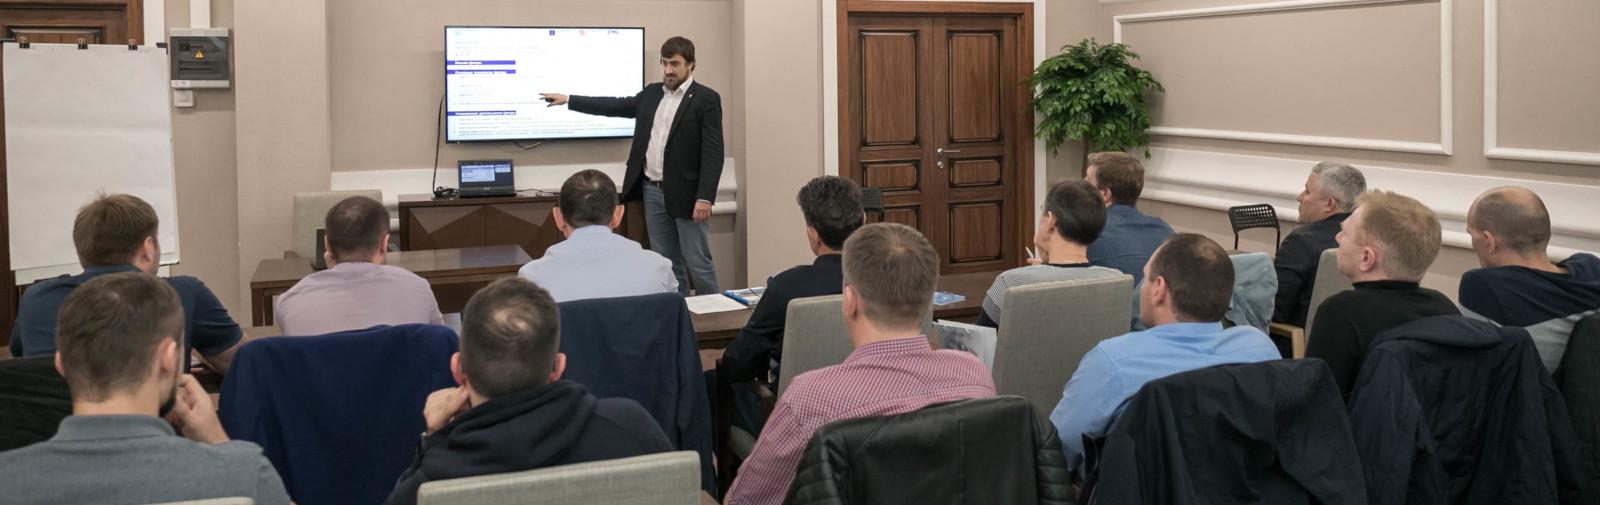 Сотрудники Центра НТИ СПбПУ провели образовательный модуль по программе EMBA для руководителей российской энергетической компании ПАО «Юнипро»